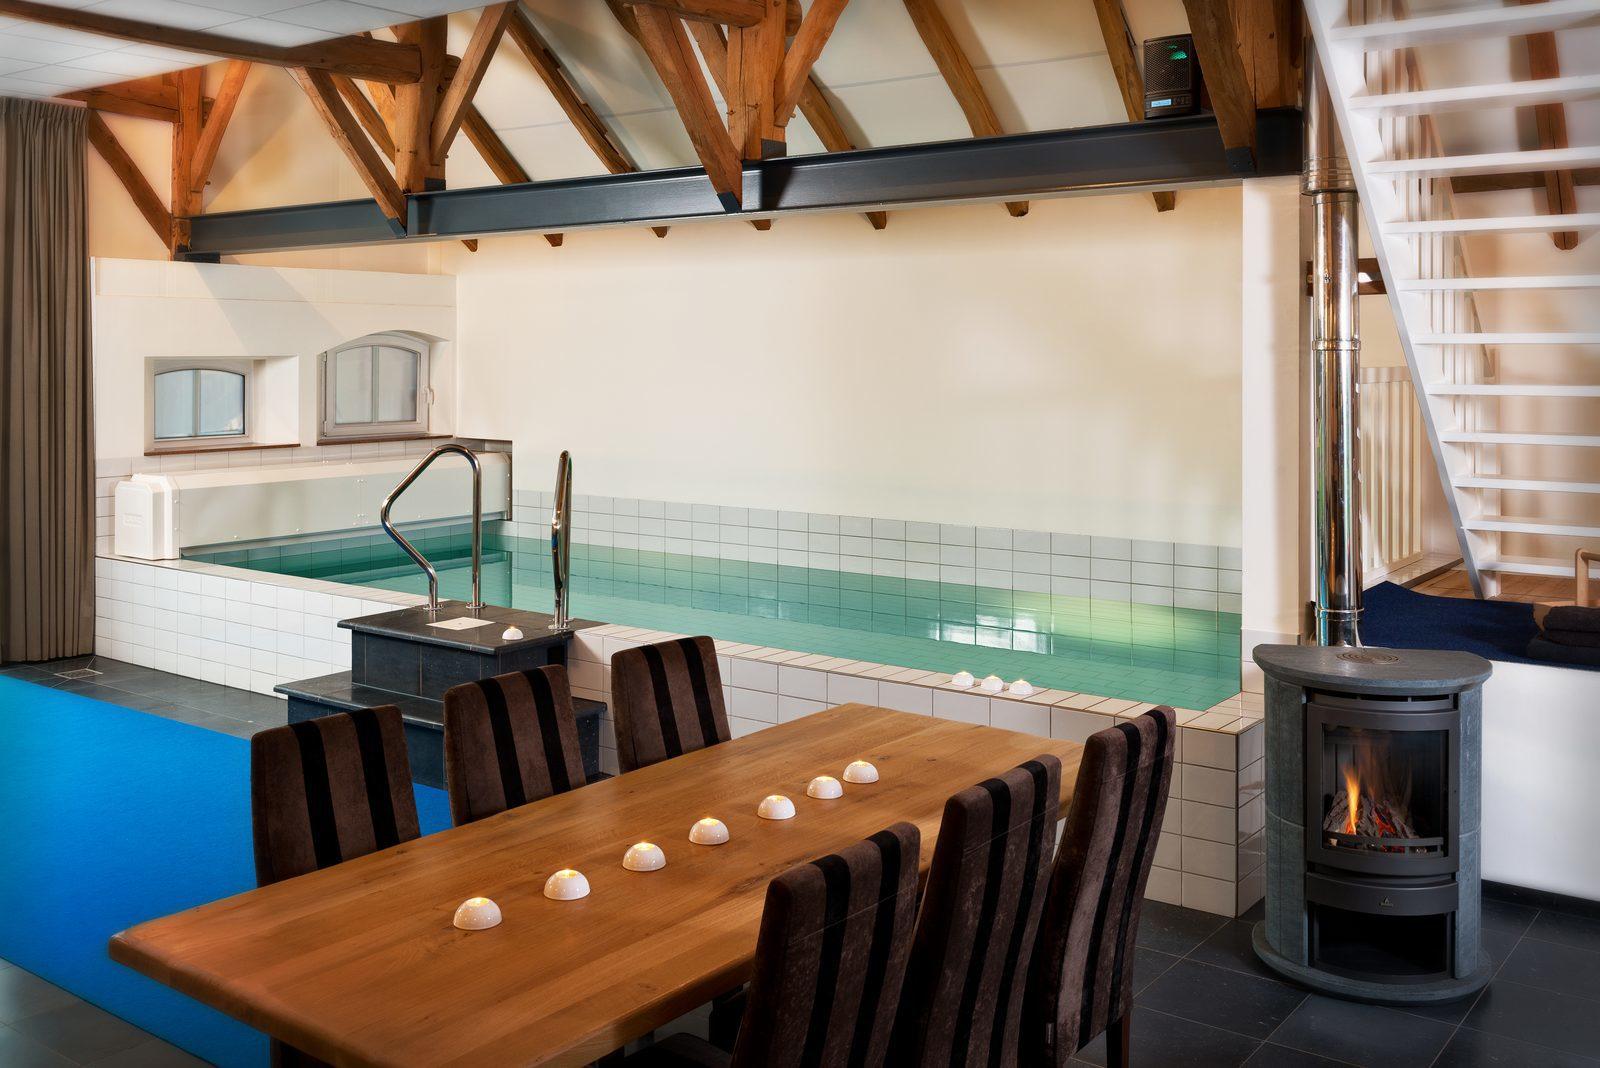 Nederland, Gelderland, Aalten, vakantiehuis, luxe, wellness, zwembad, sauna, jacuzzi